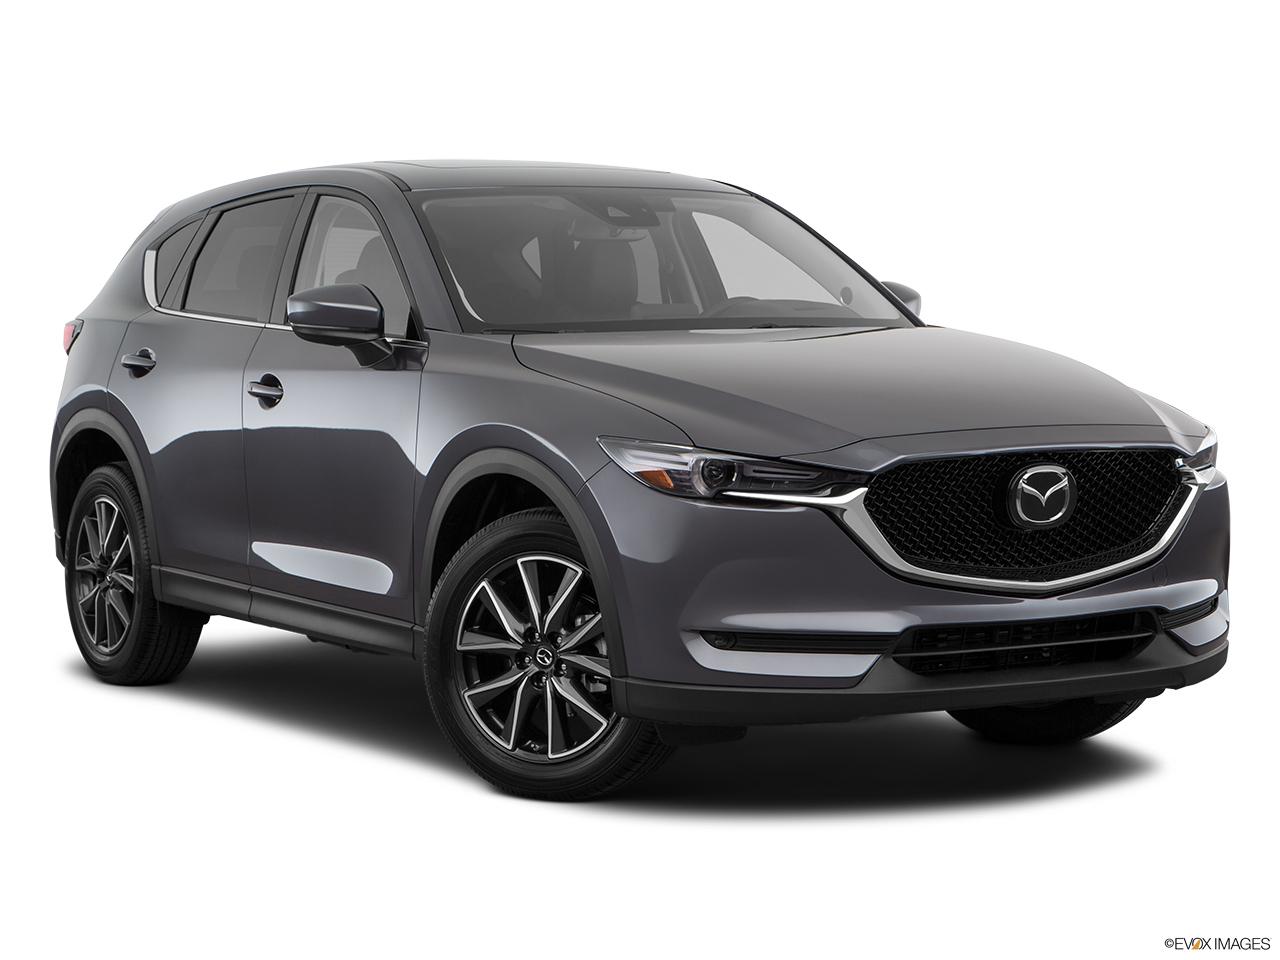 2018 Mazda Cx 3 Mazda Uae | Autos Post